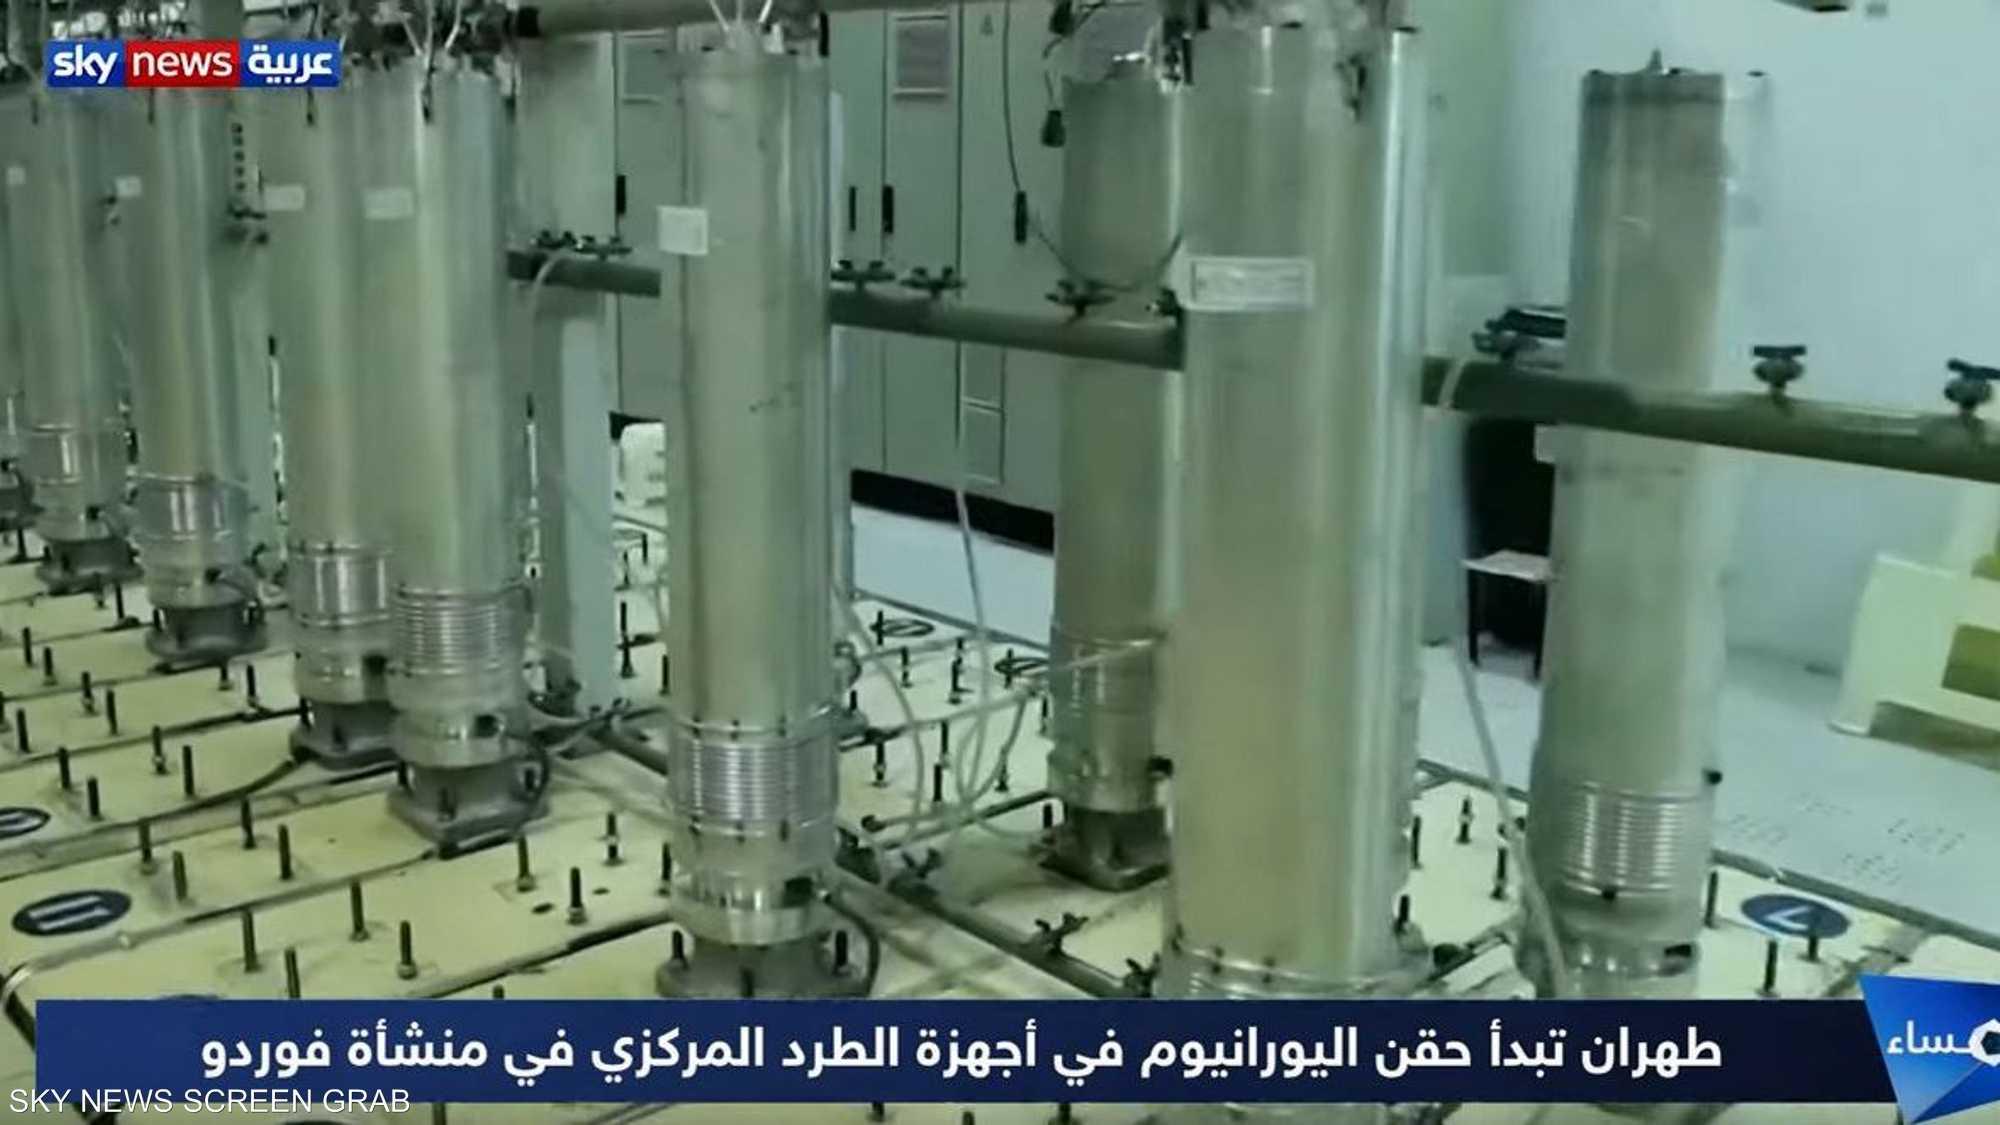 طهران تبدأ حقن اليورانيوم في منشأة فوردو